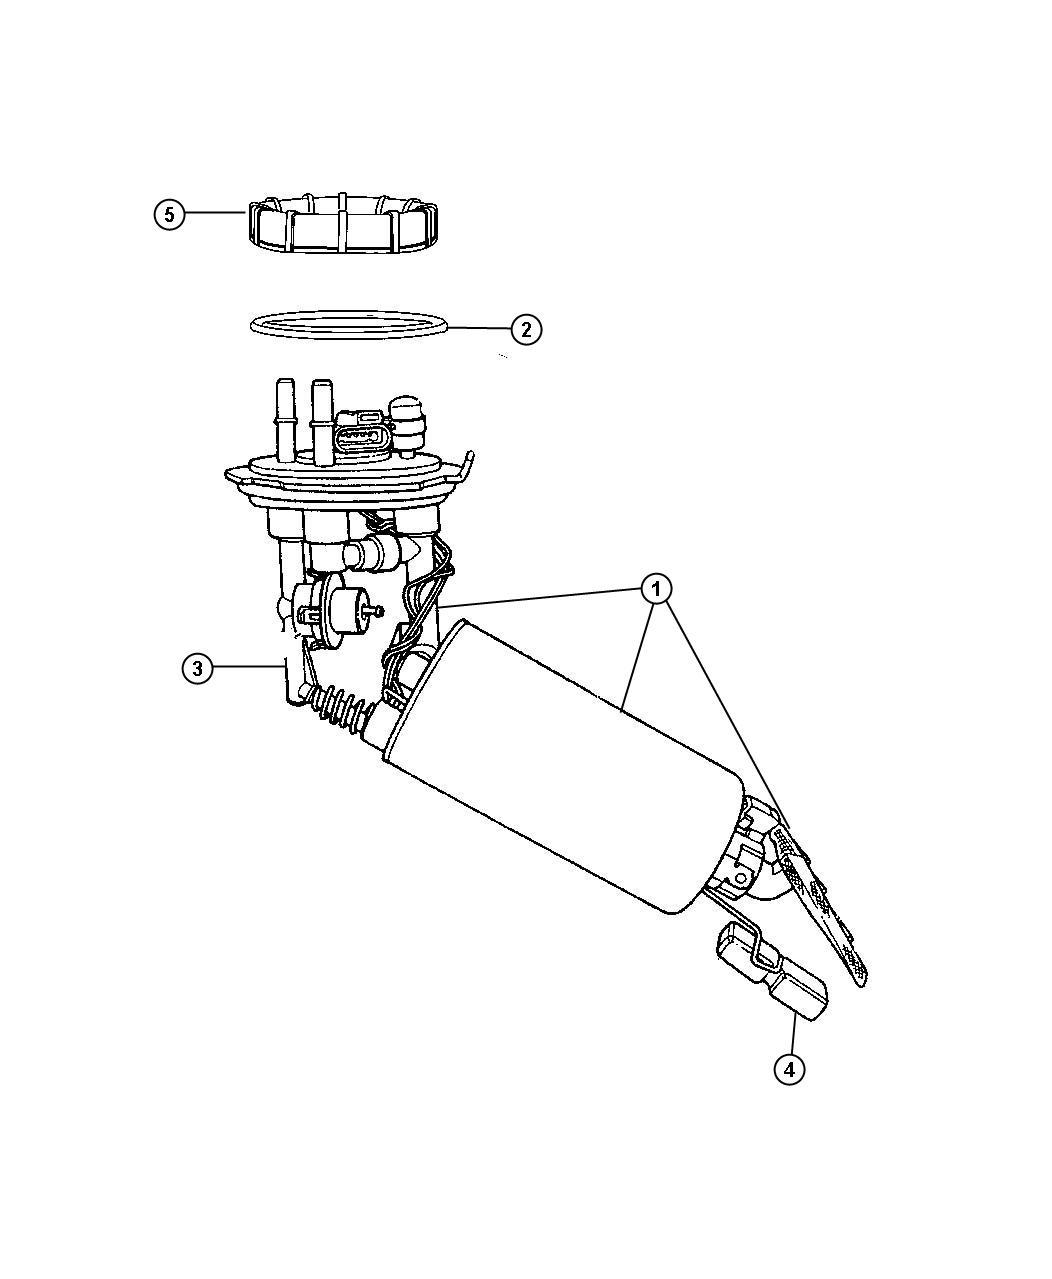 2006 dodge grand caravan regulator kit  fuel pressure